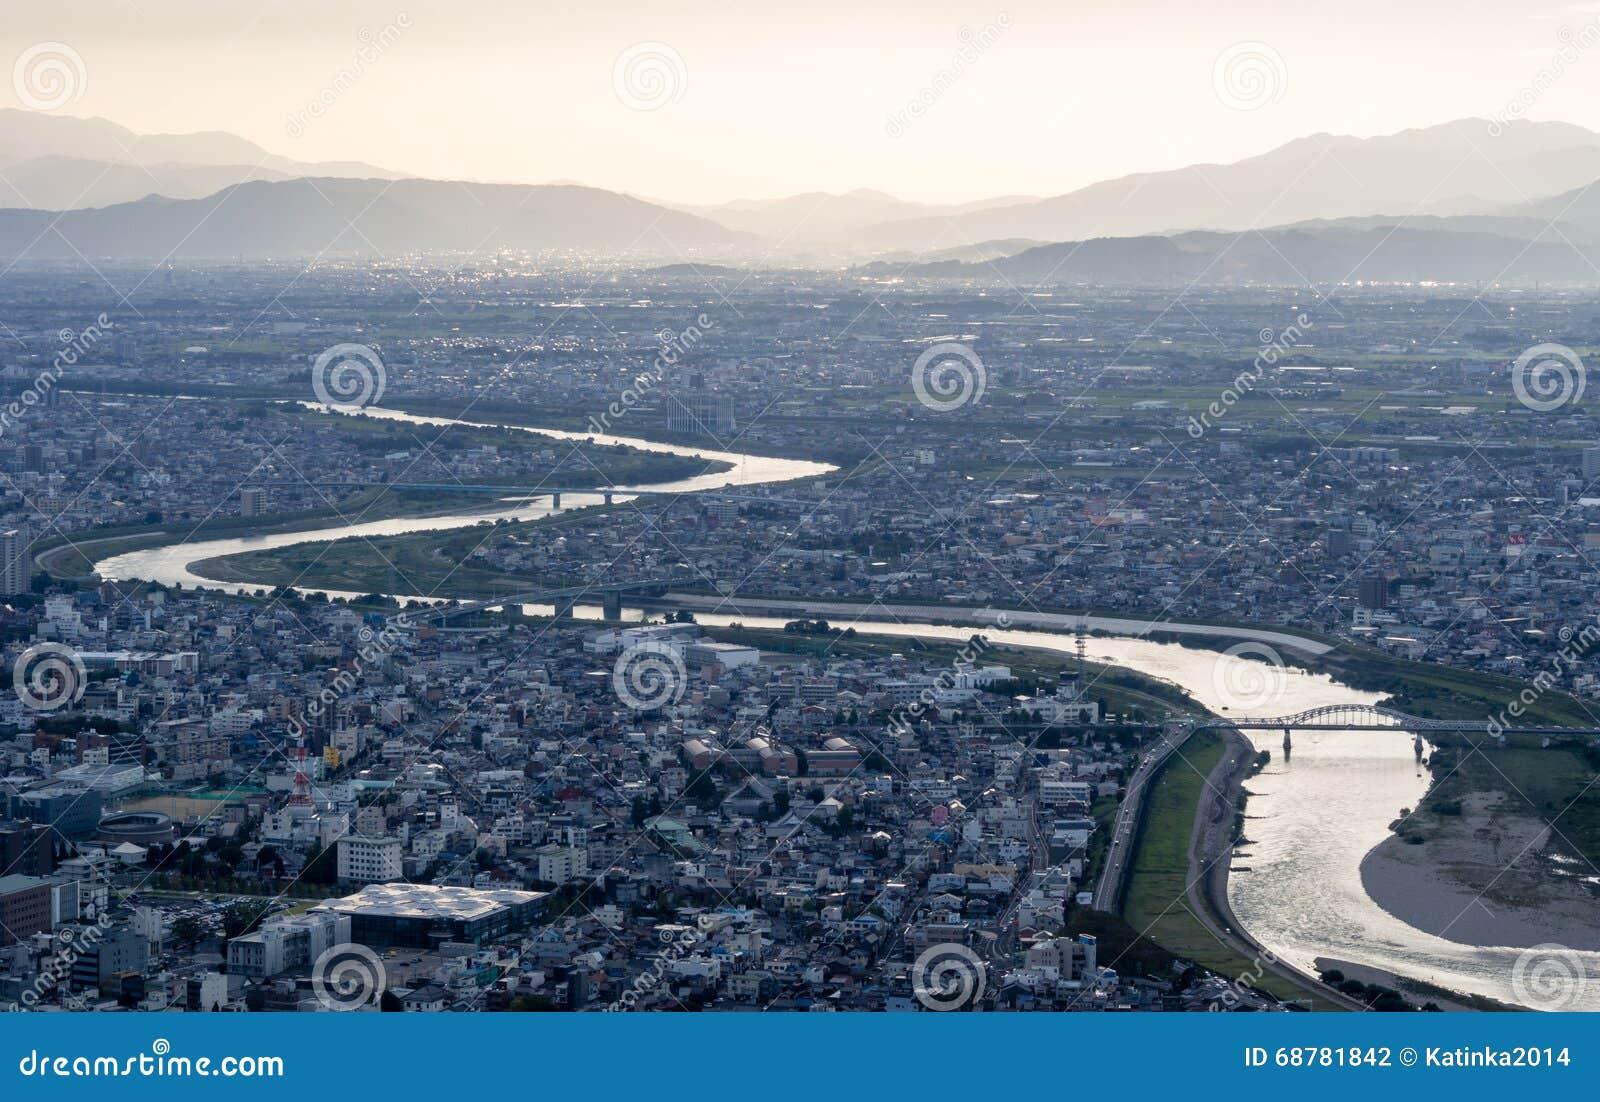 Πανοραμική άποψη της πόλης του Γκιφού, Ιαπωνία